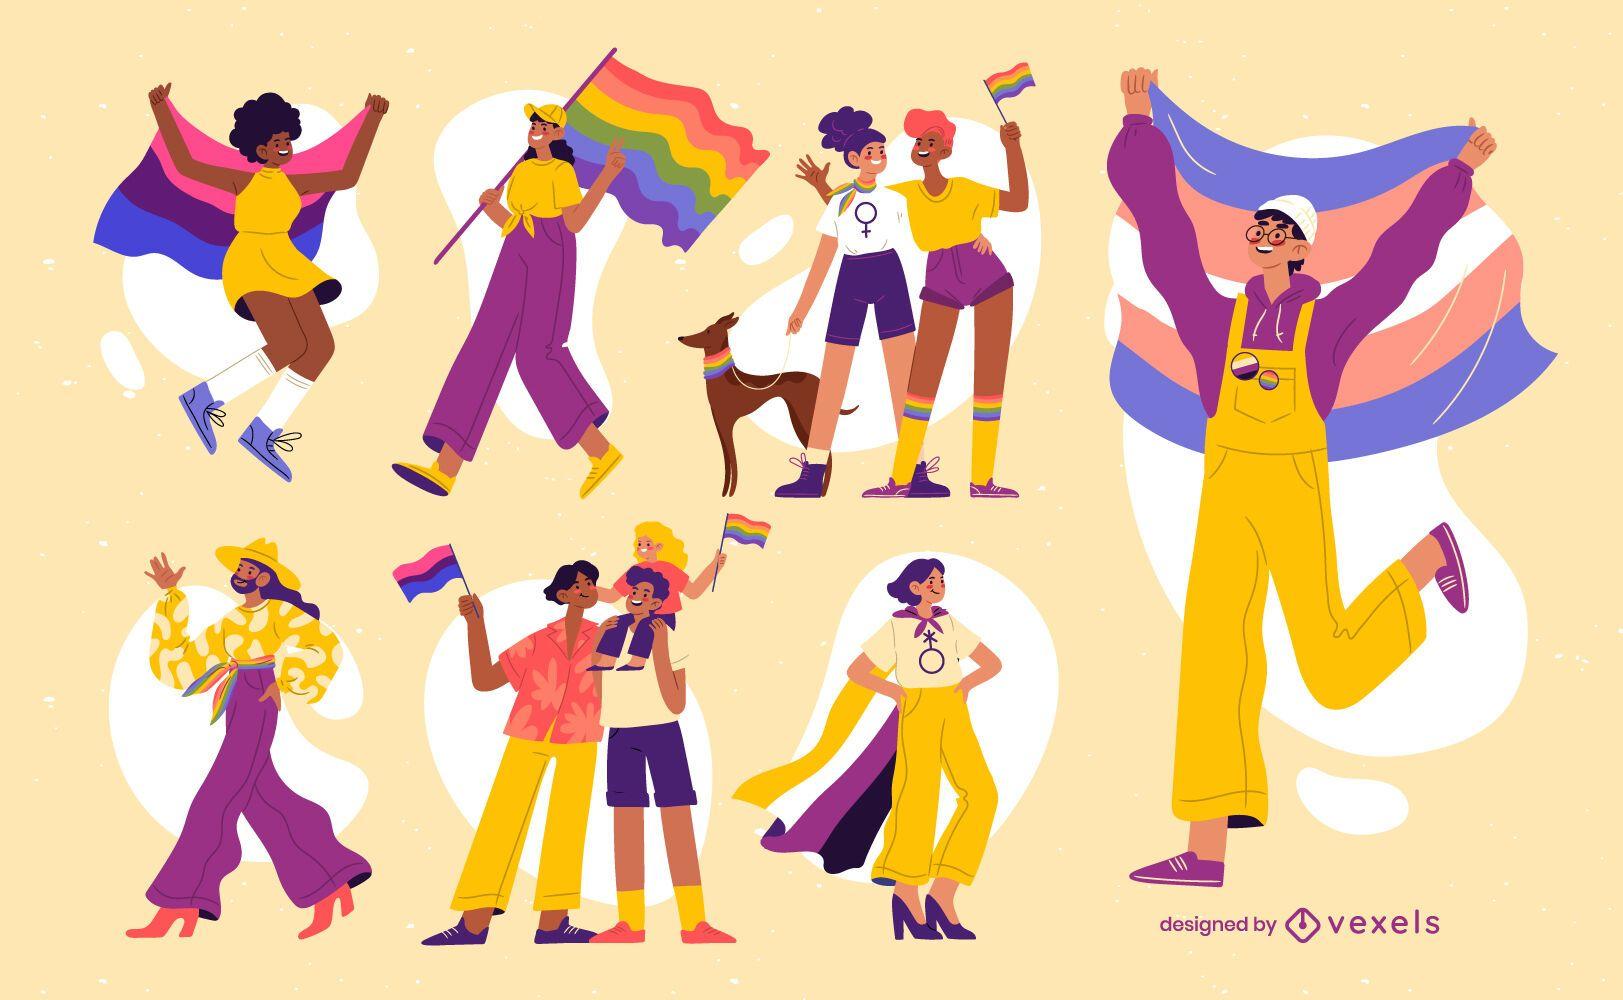 Pessoas do mês do orgulho com personagens de bandeiras